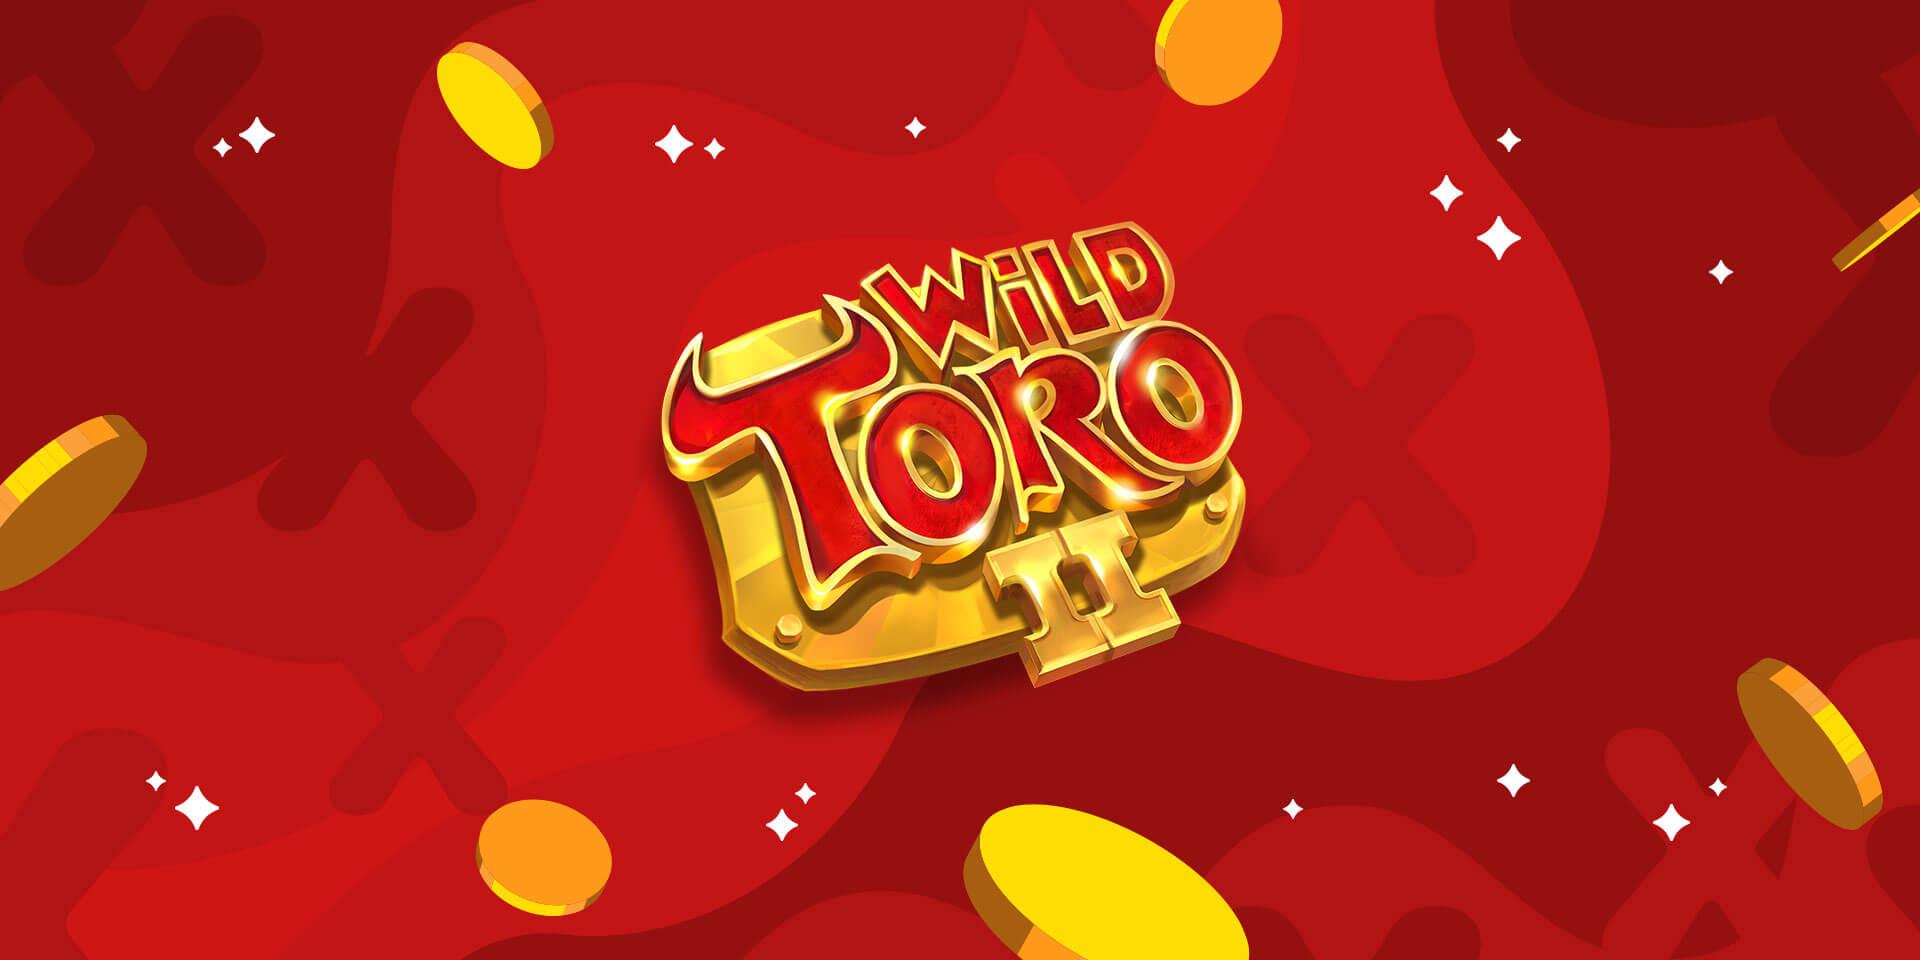 Wild Toro 2